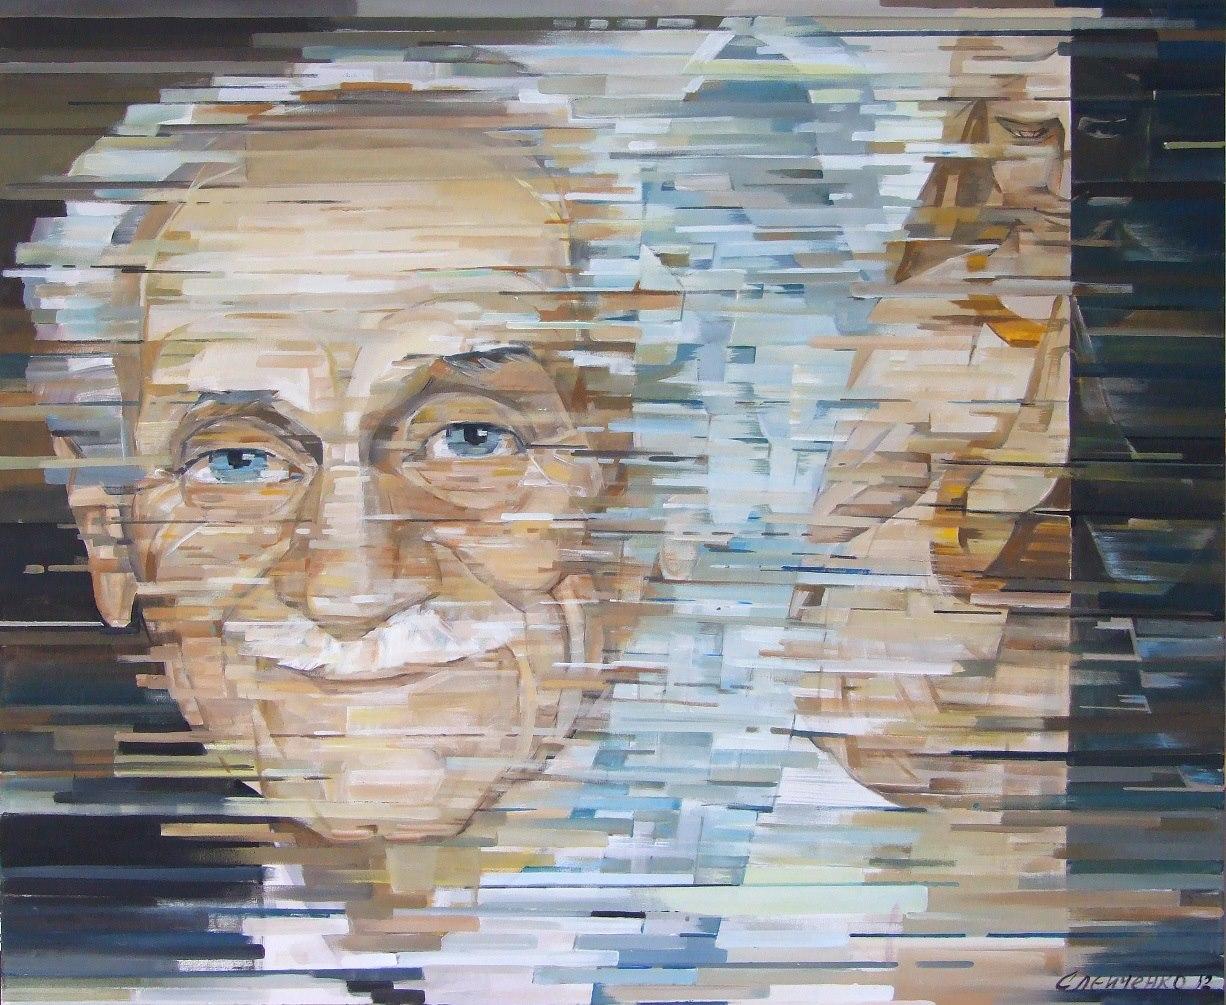 Борис Возницький - Врятований ангел , львівський музейник ,відкрив і зберіг для світу Пінзеля,Герой України